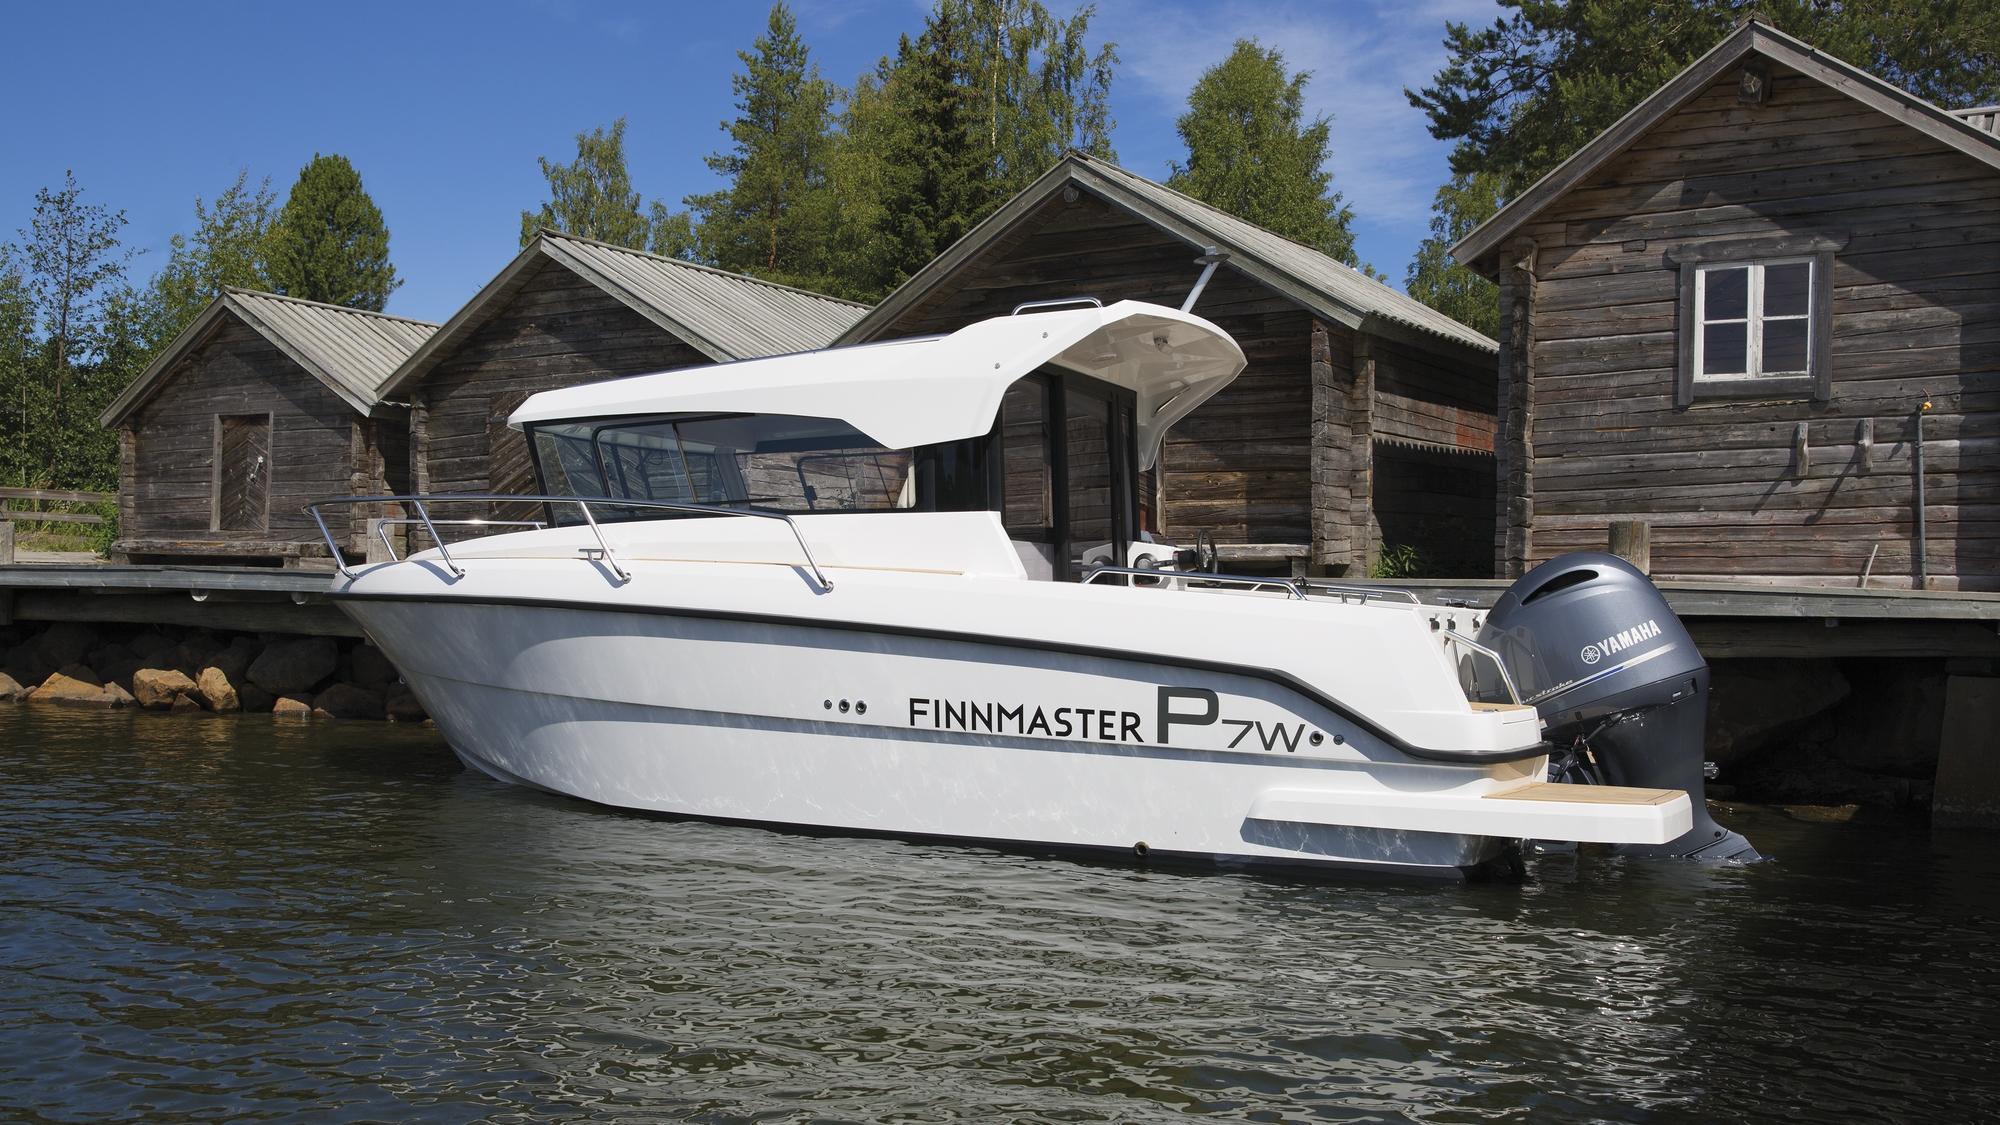 Finnmaster Pilot 7 Weekend